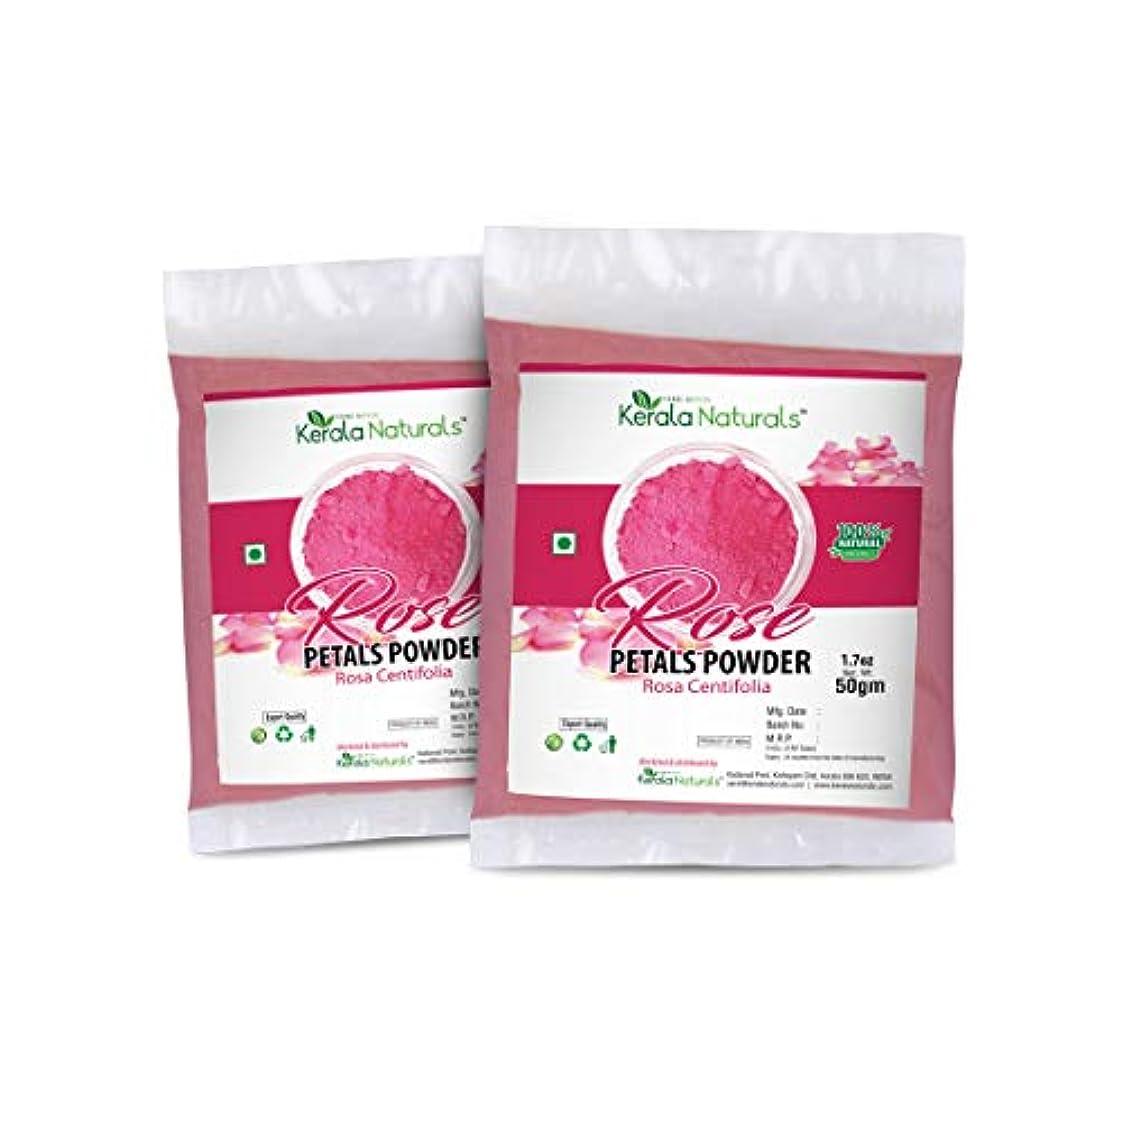 干ばつスナック平和なRose Petals Powder (Rosa Centifolia) for Anti Ageing- 100gm (50gm x 2 Packs) - Rejuvenating and Moisturising Face...